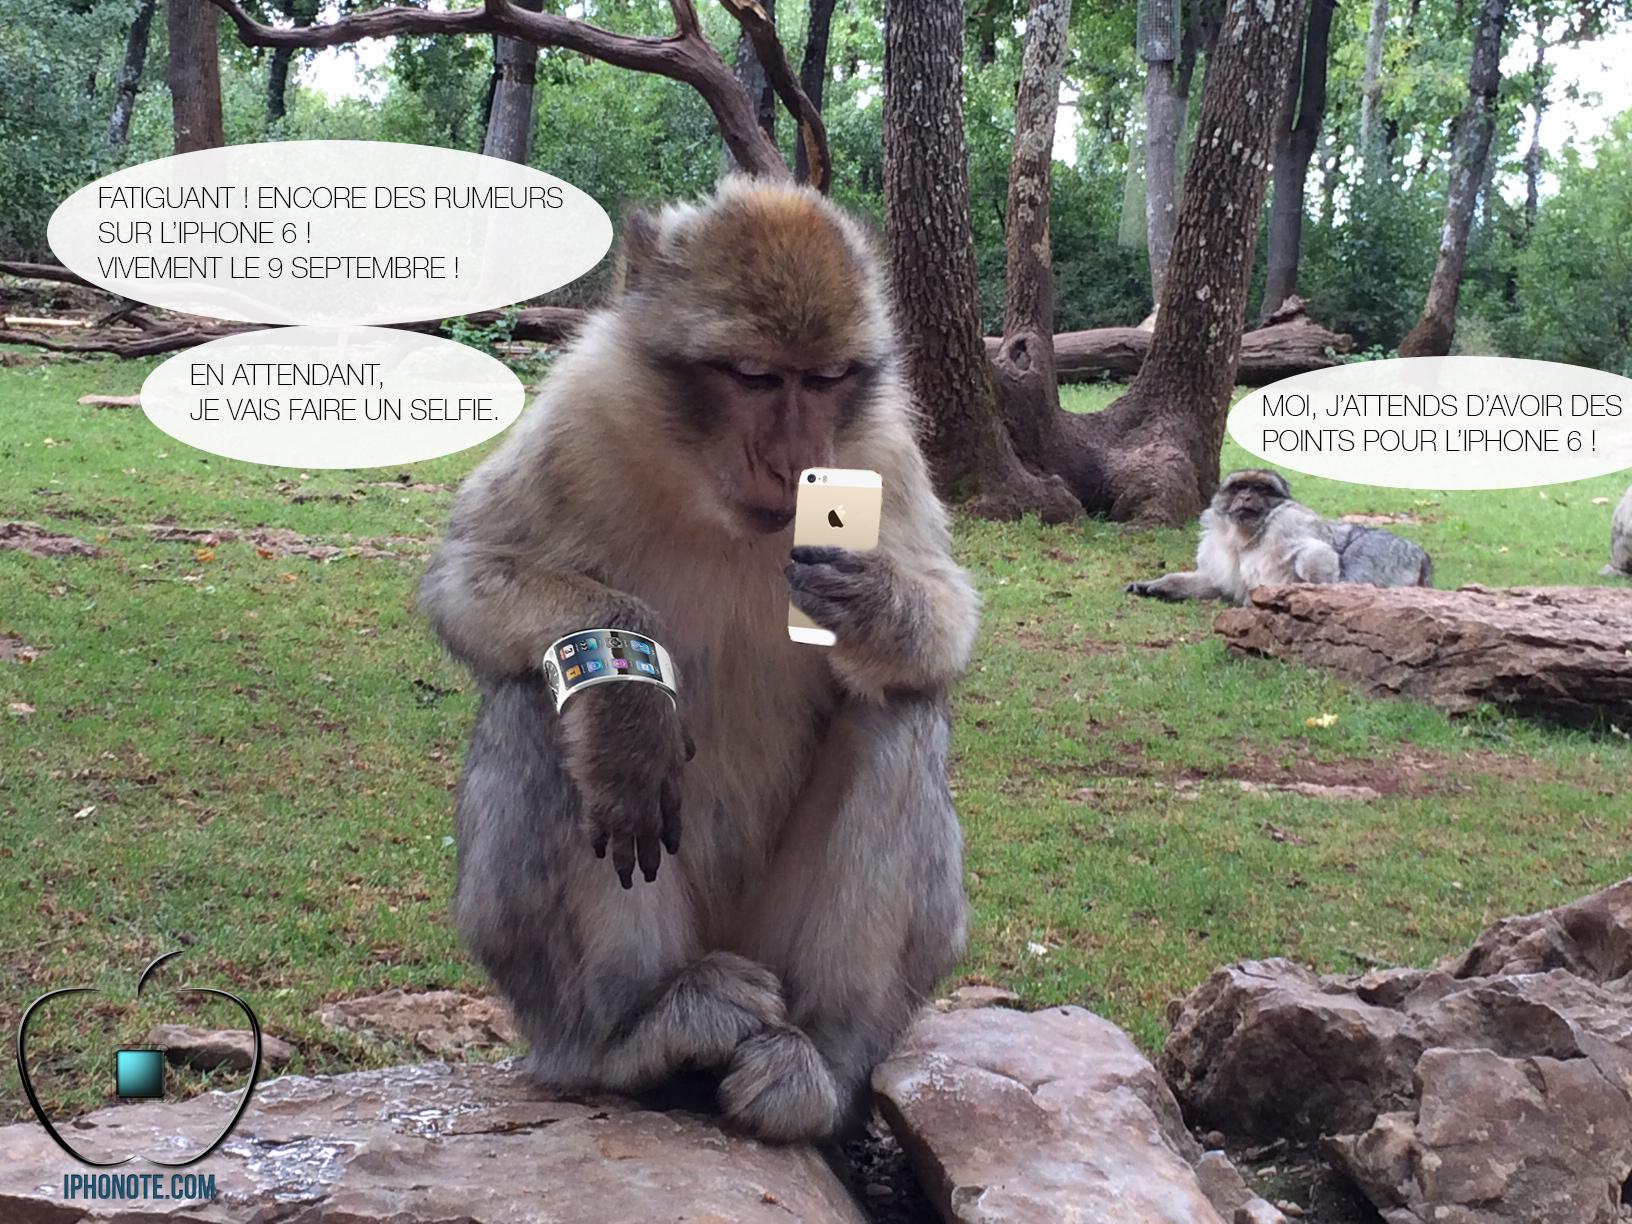 Humour : Quand les singes sont saoulés par les rumeurs sur l'iPhone 6